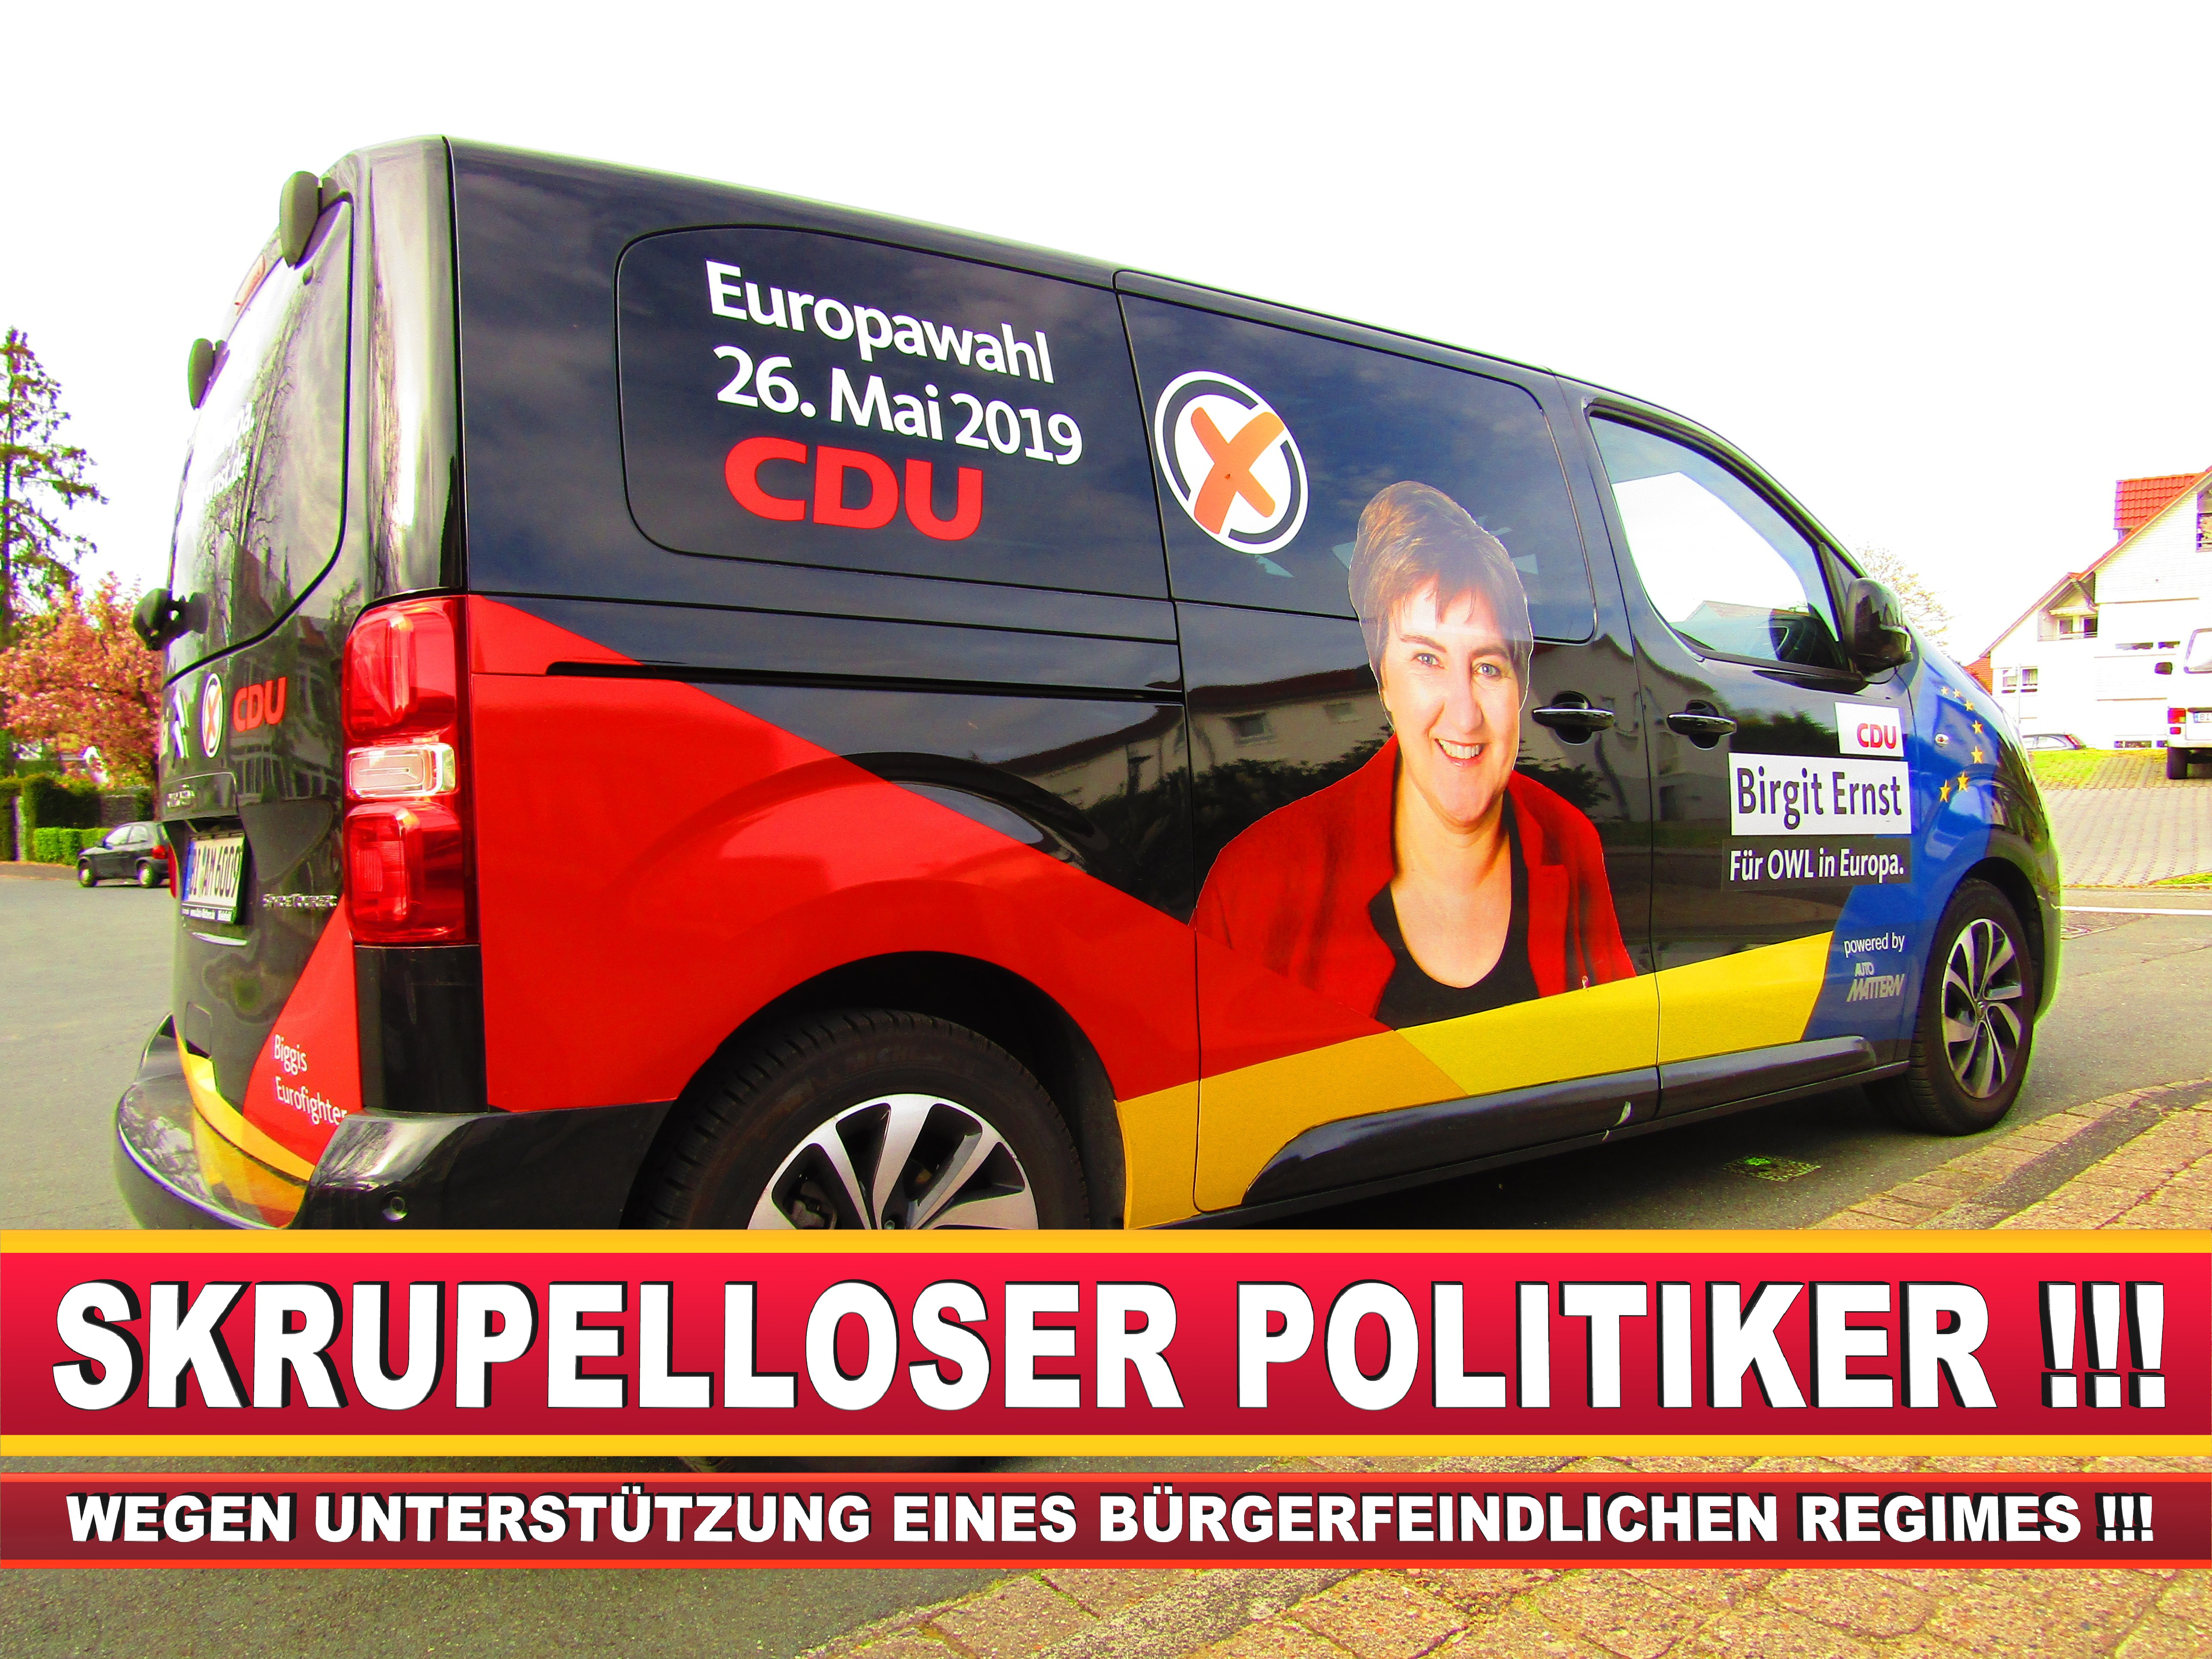 Europawahl Deutschland Birgit Ernst CDU (7)